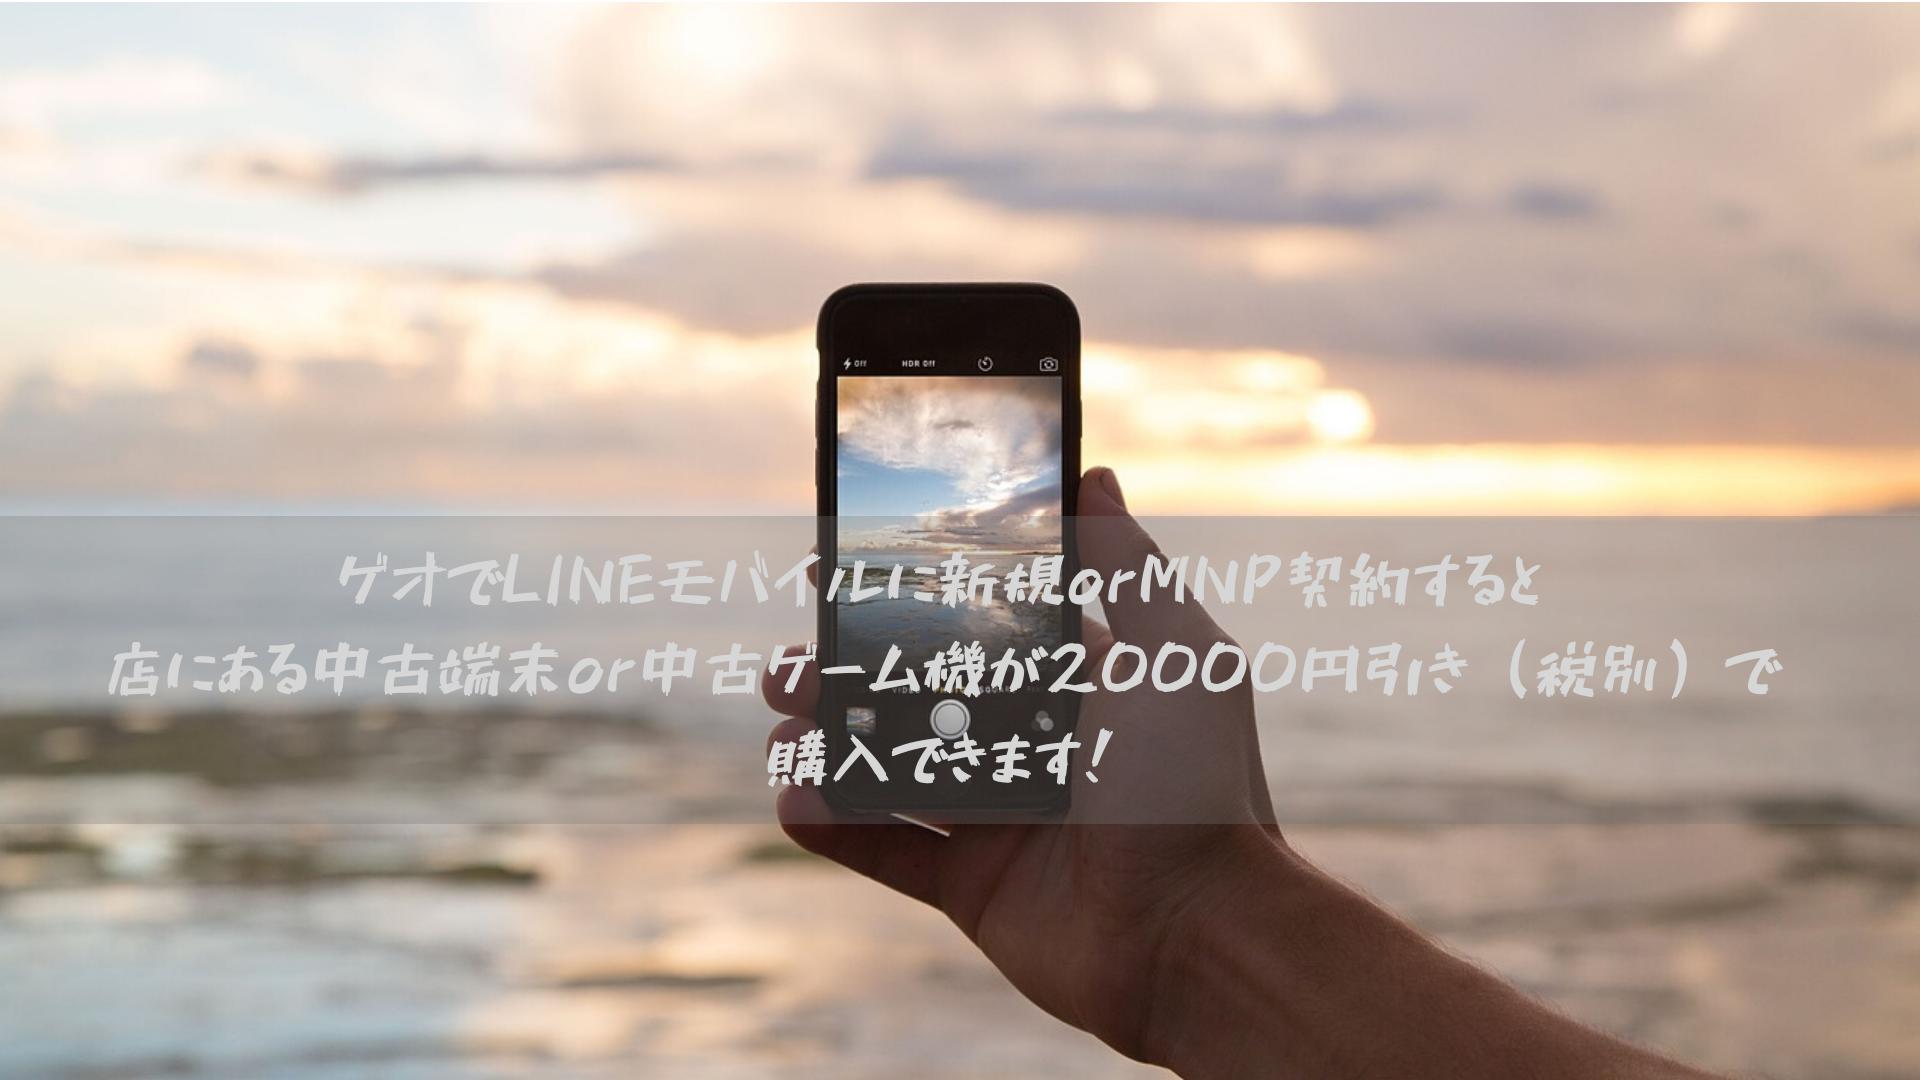 ゲオでLINEモバイルに新規orMNP契約すると店にある中古端末or中古ゲーム機が20000円引き(税別)で購入できます!